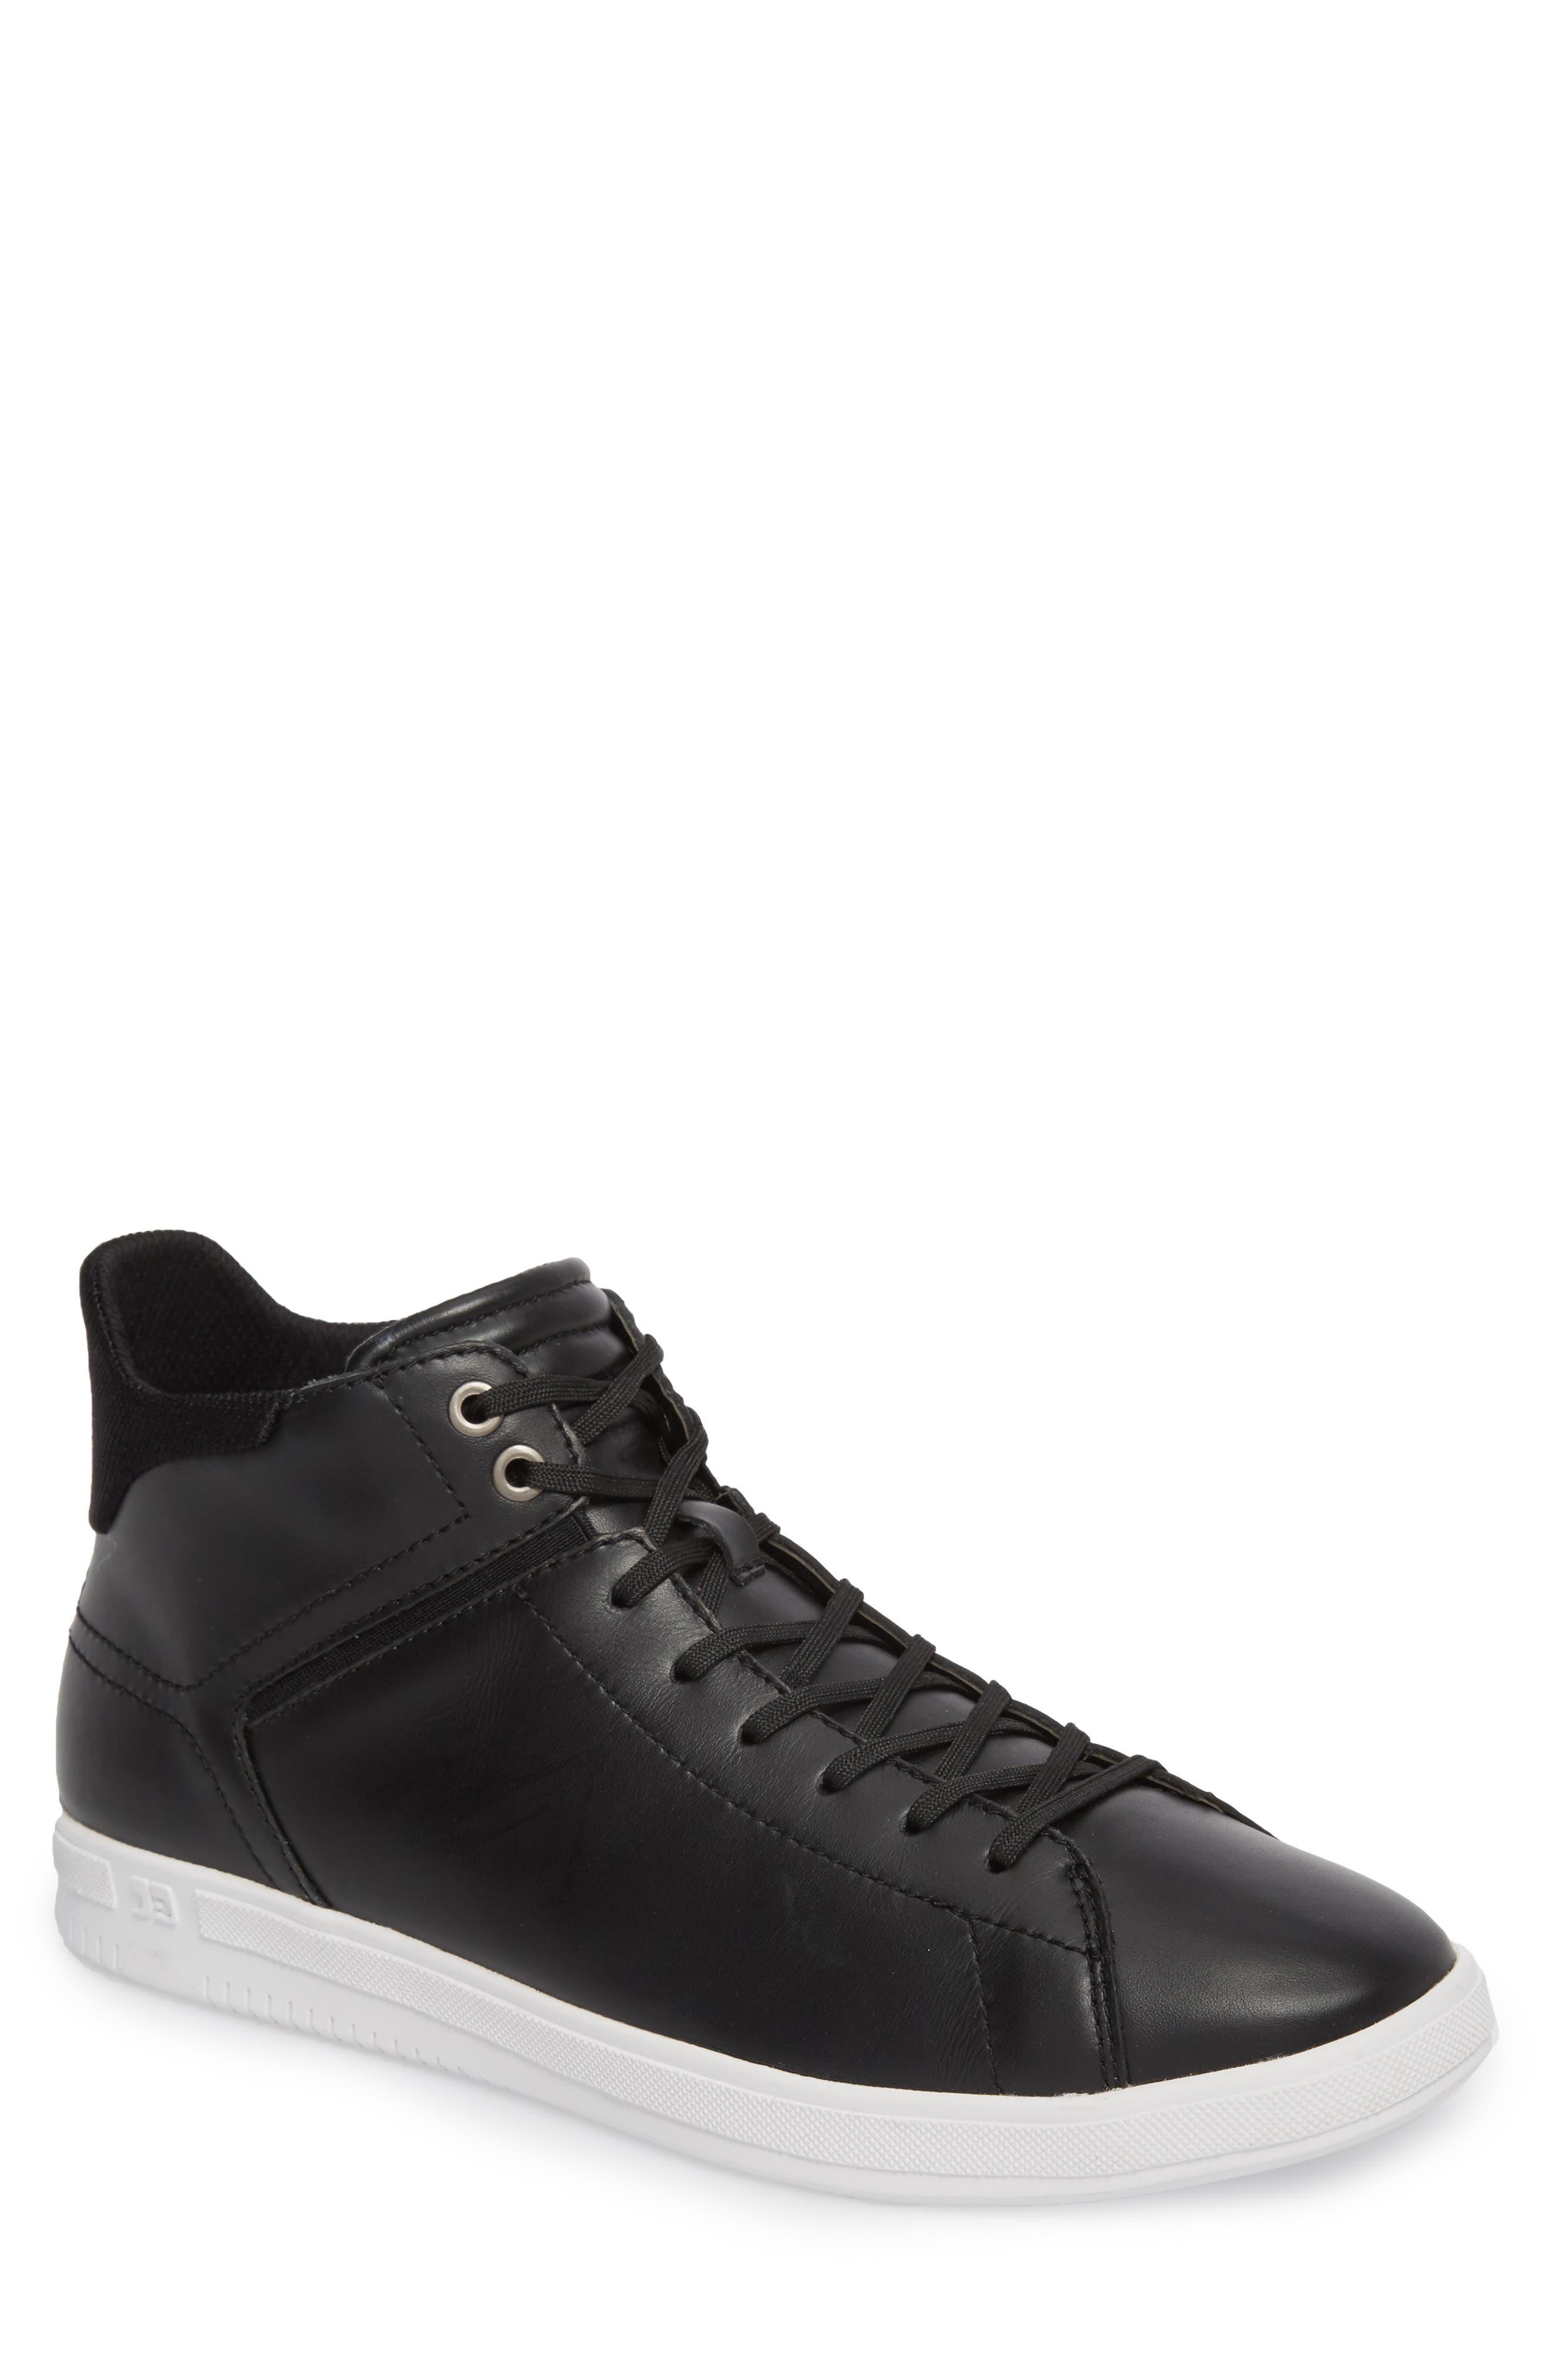 Joe's Joe Z Mid Top Sneaker (Men)